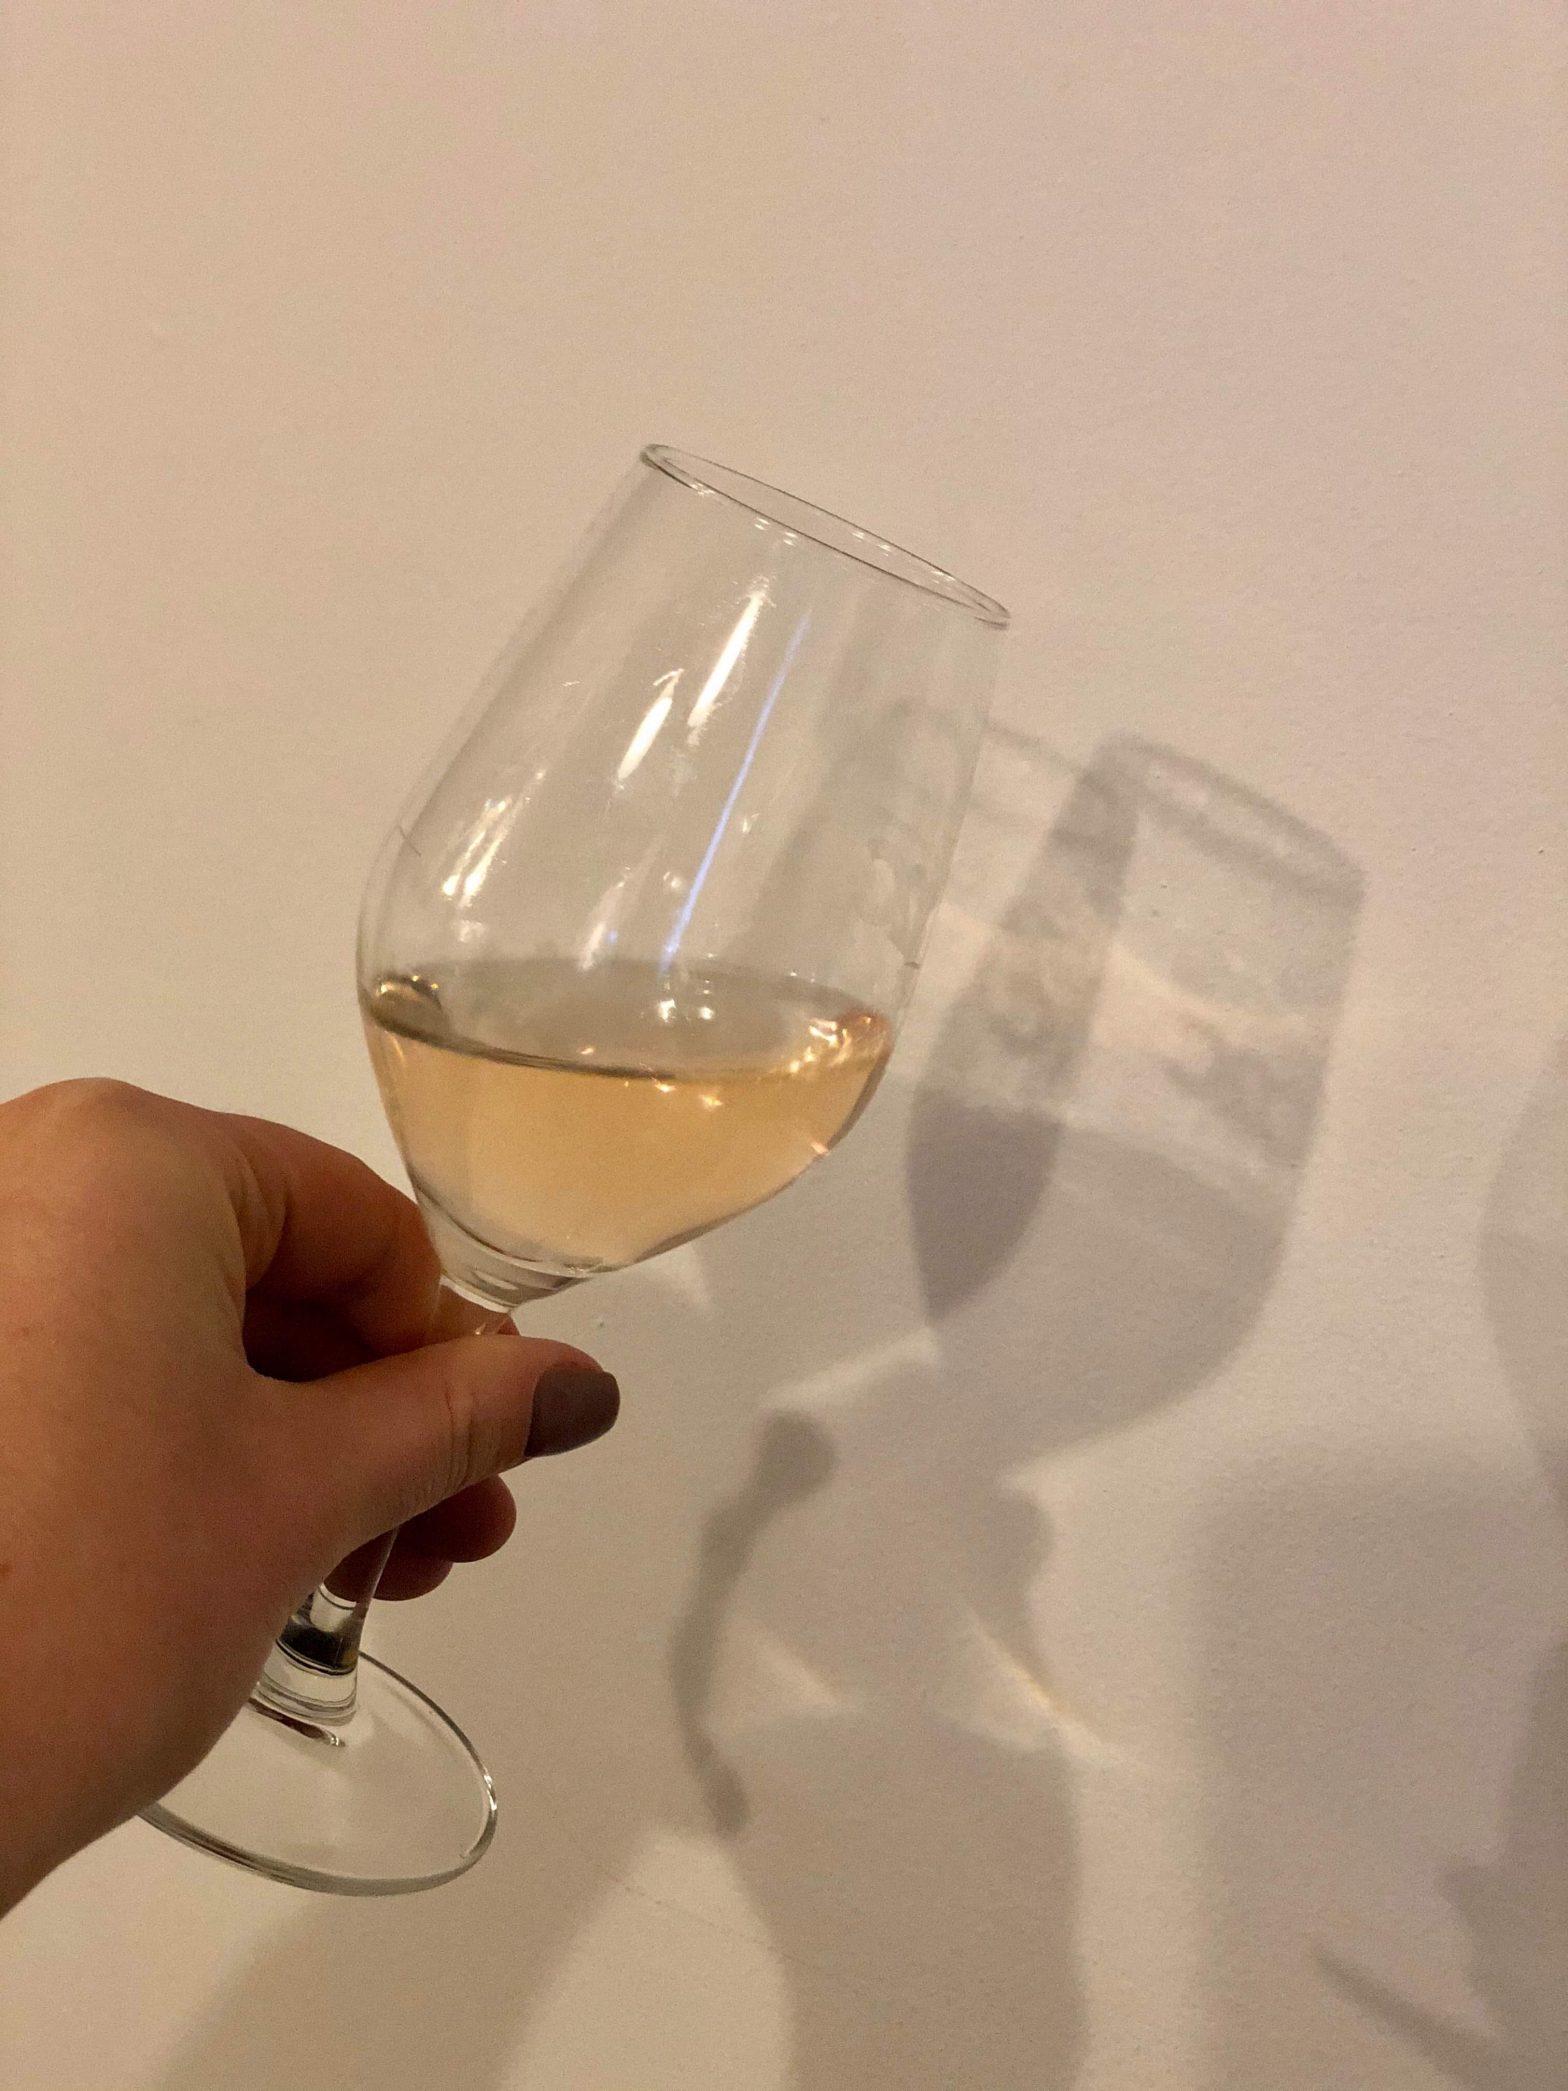 Champagne Thevenet Delouvin - Champagne assemblage